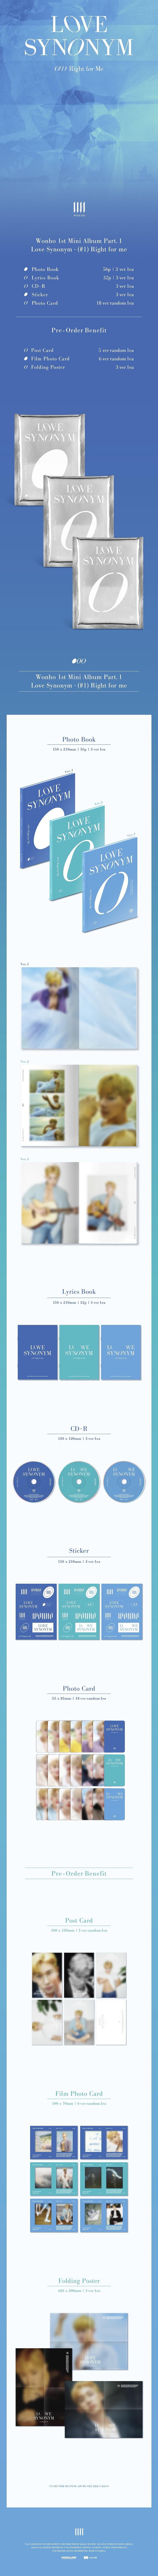 원호(WONHO) - LOVE SYNONYM #1. Right for me [버전랜덤]